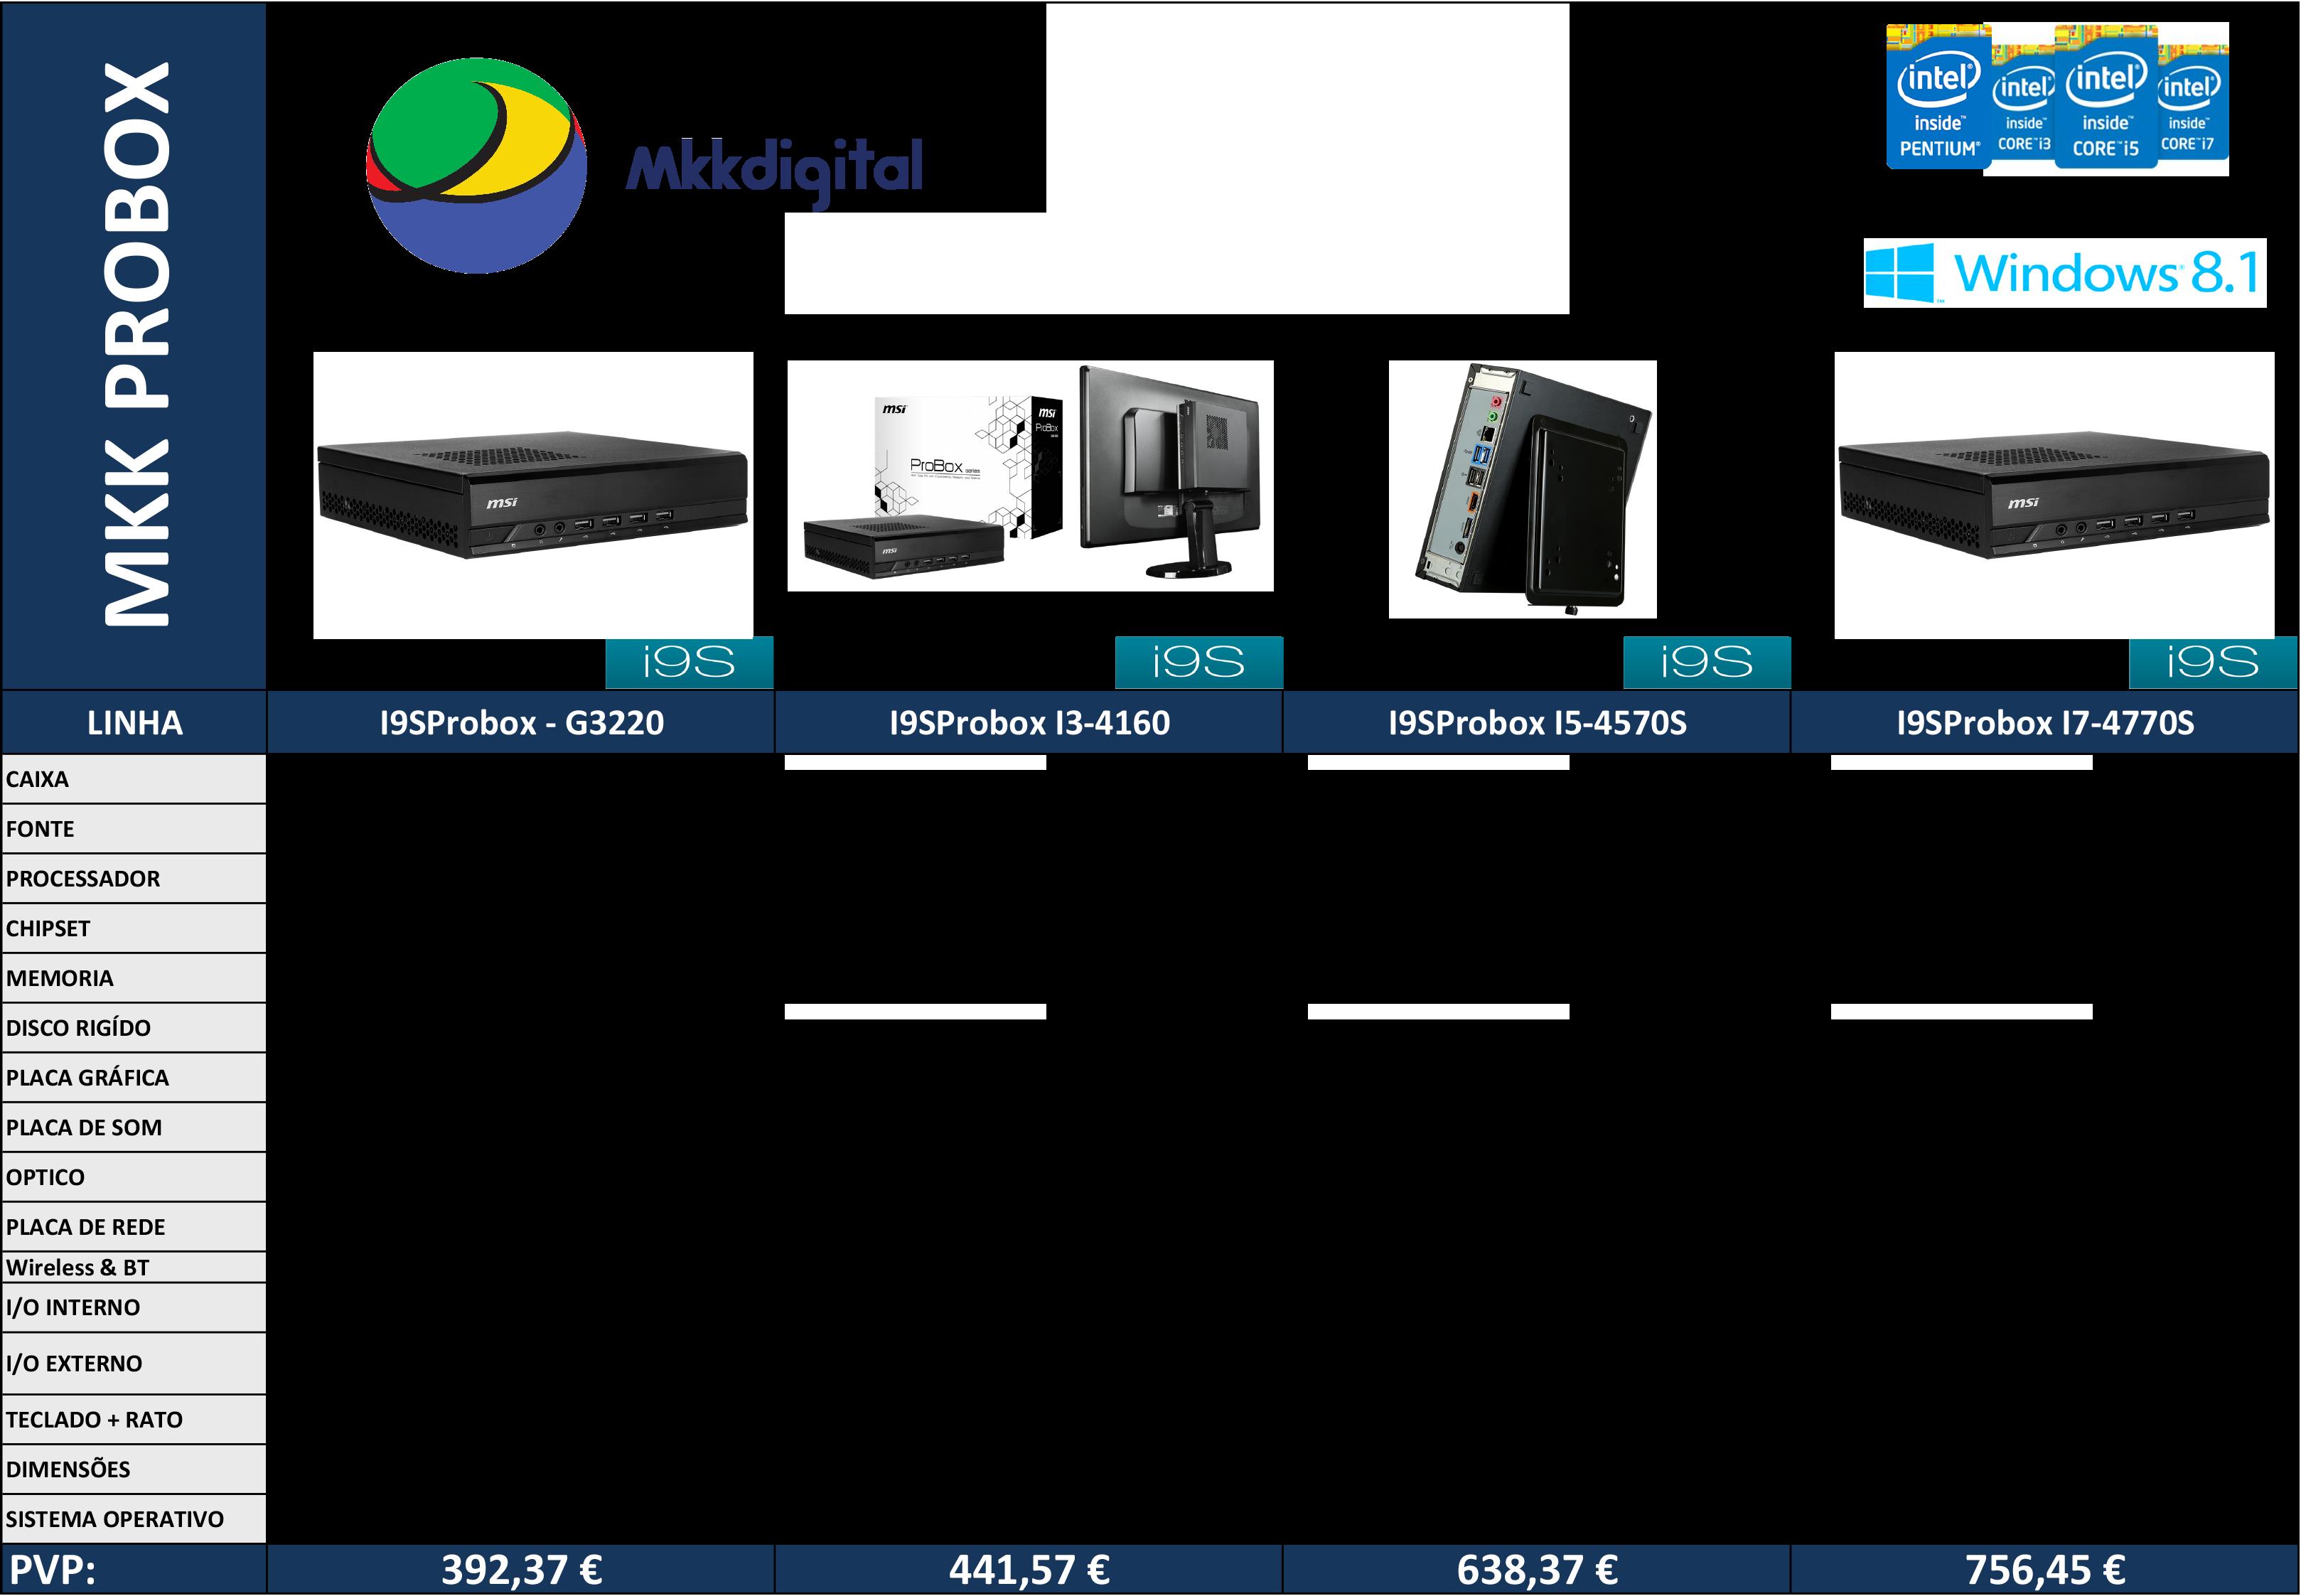 Tabela de Computadores I9S - Junho 2015 I9S - MINI PC PROBOX copy